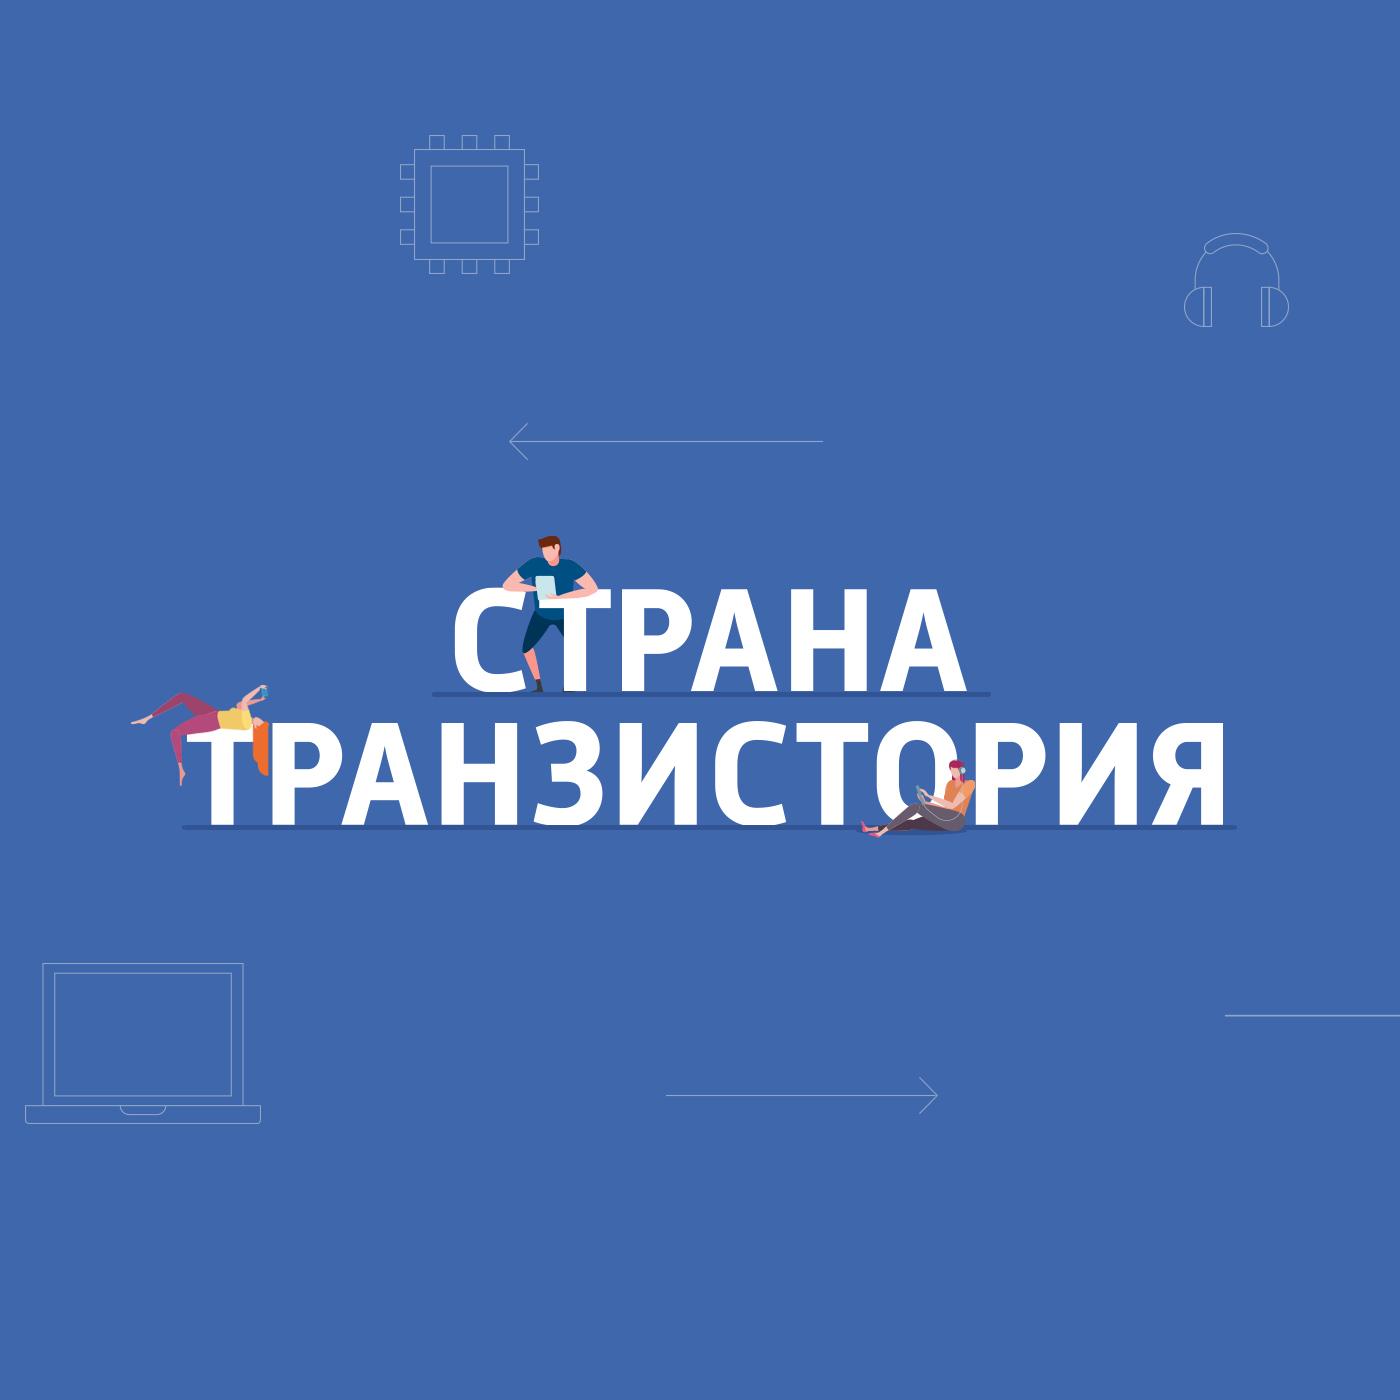 Картаев Павел ВКонтакте запустила свой аналог TikTok крем лавилин цена в аптеках